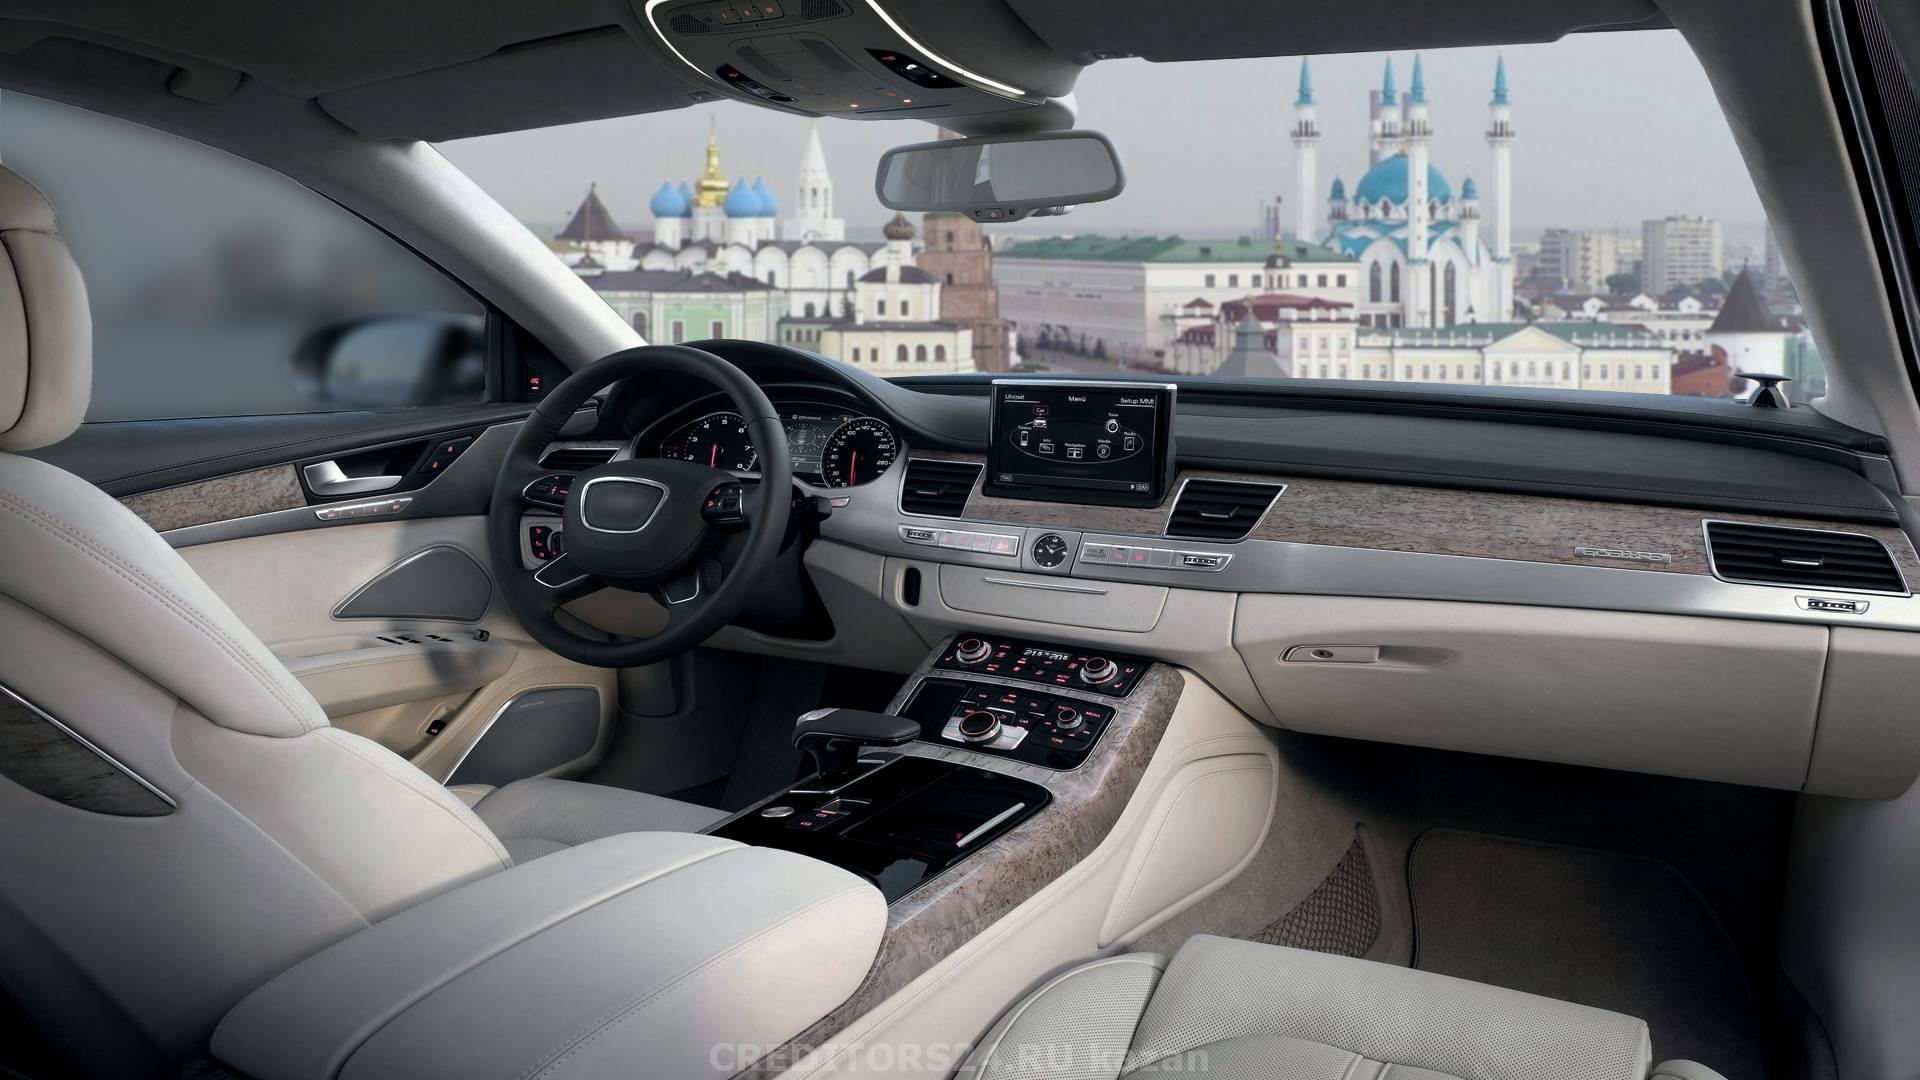 Казань машины под залог купить пежо в автосалоне в москве